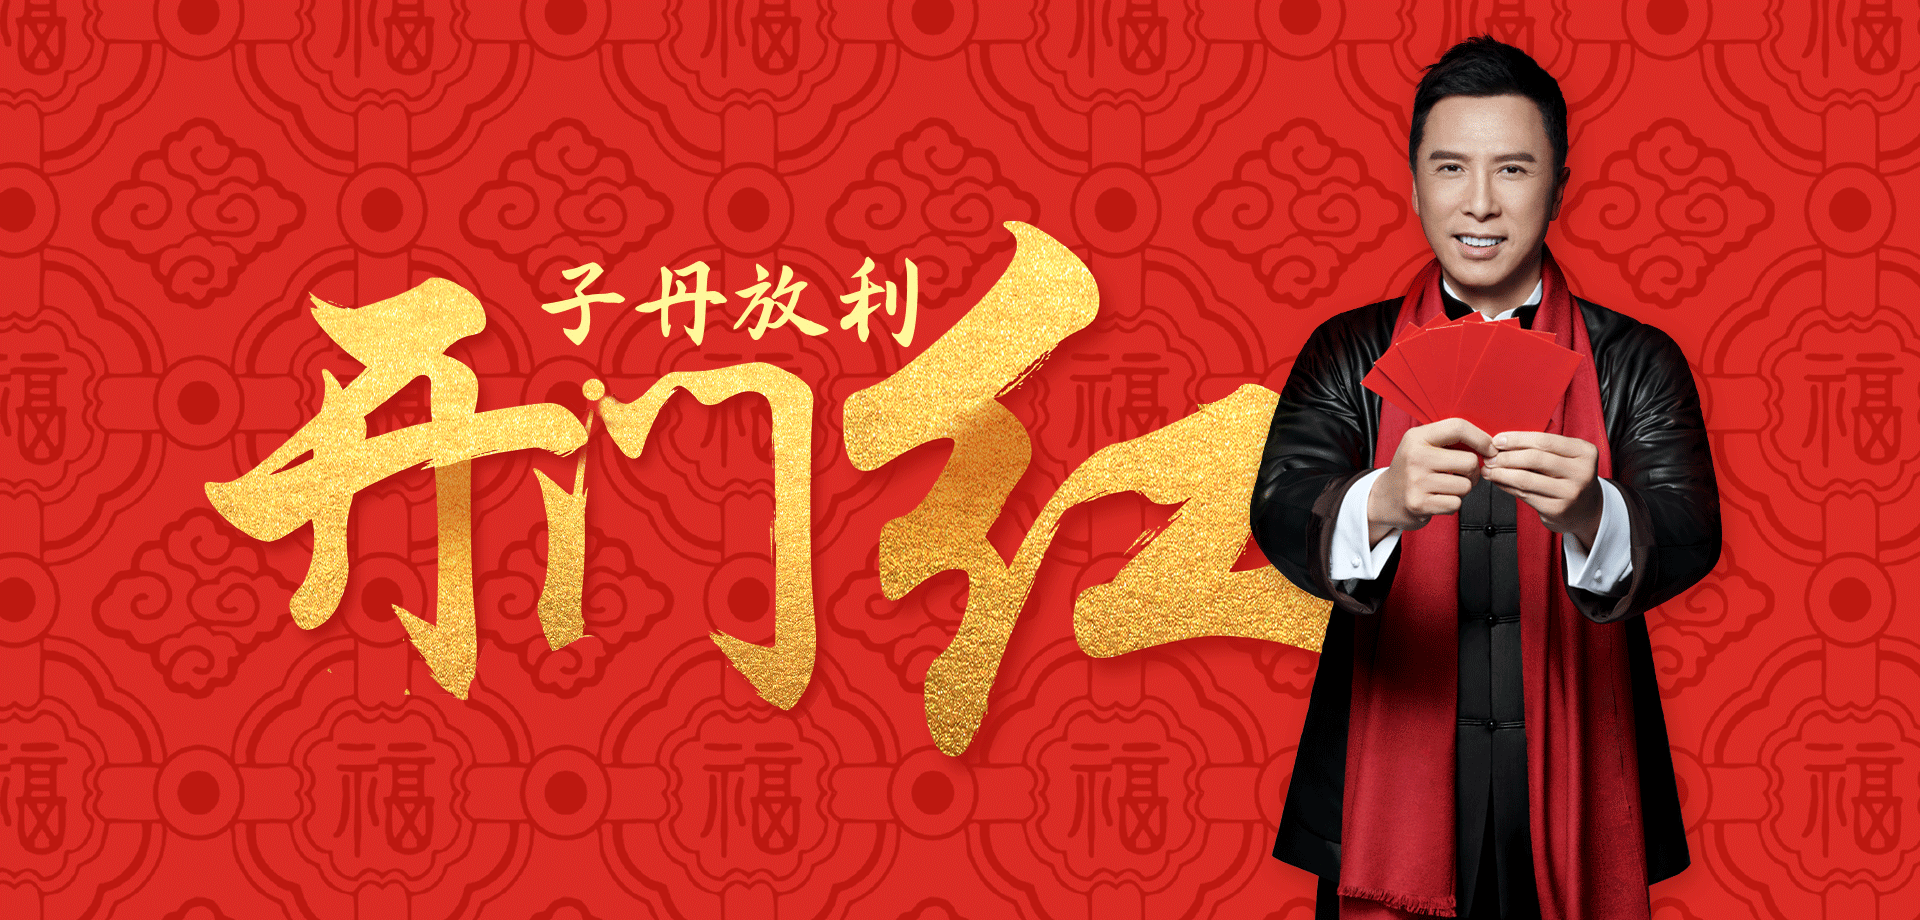 厨壹堂 双11 钜惠狂欢季